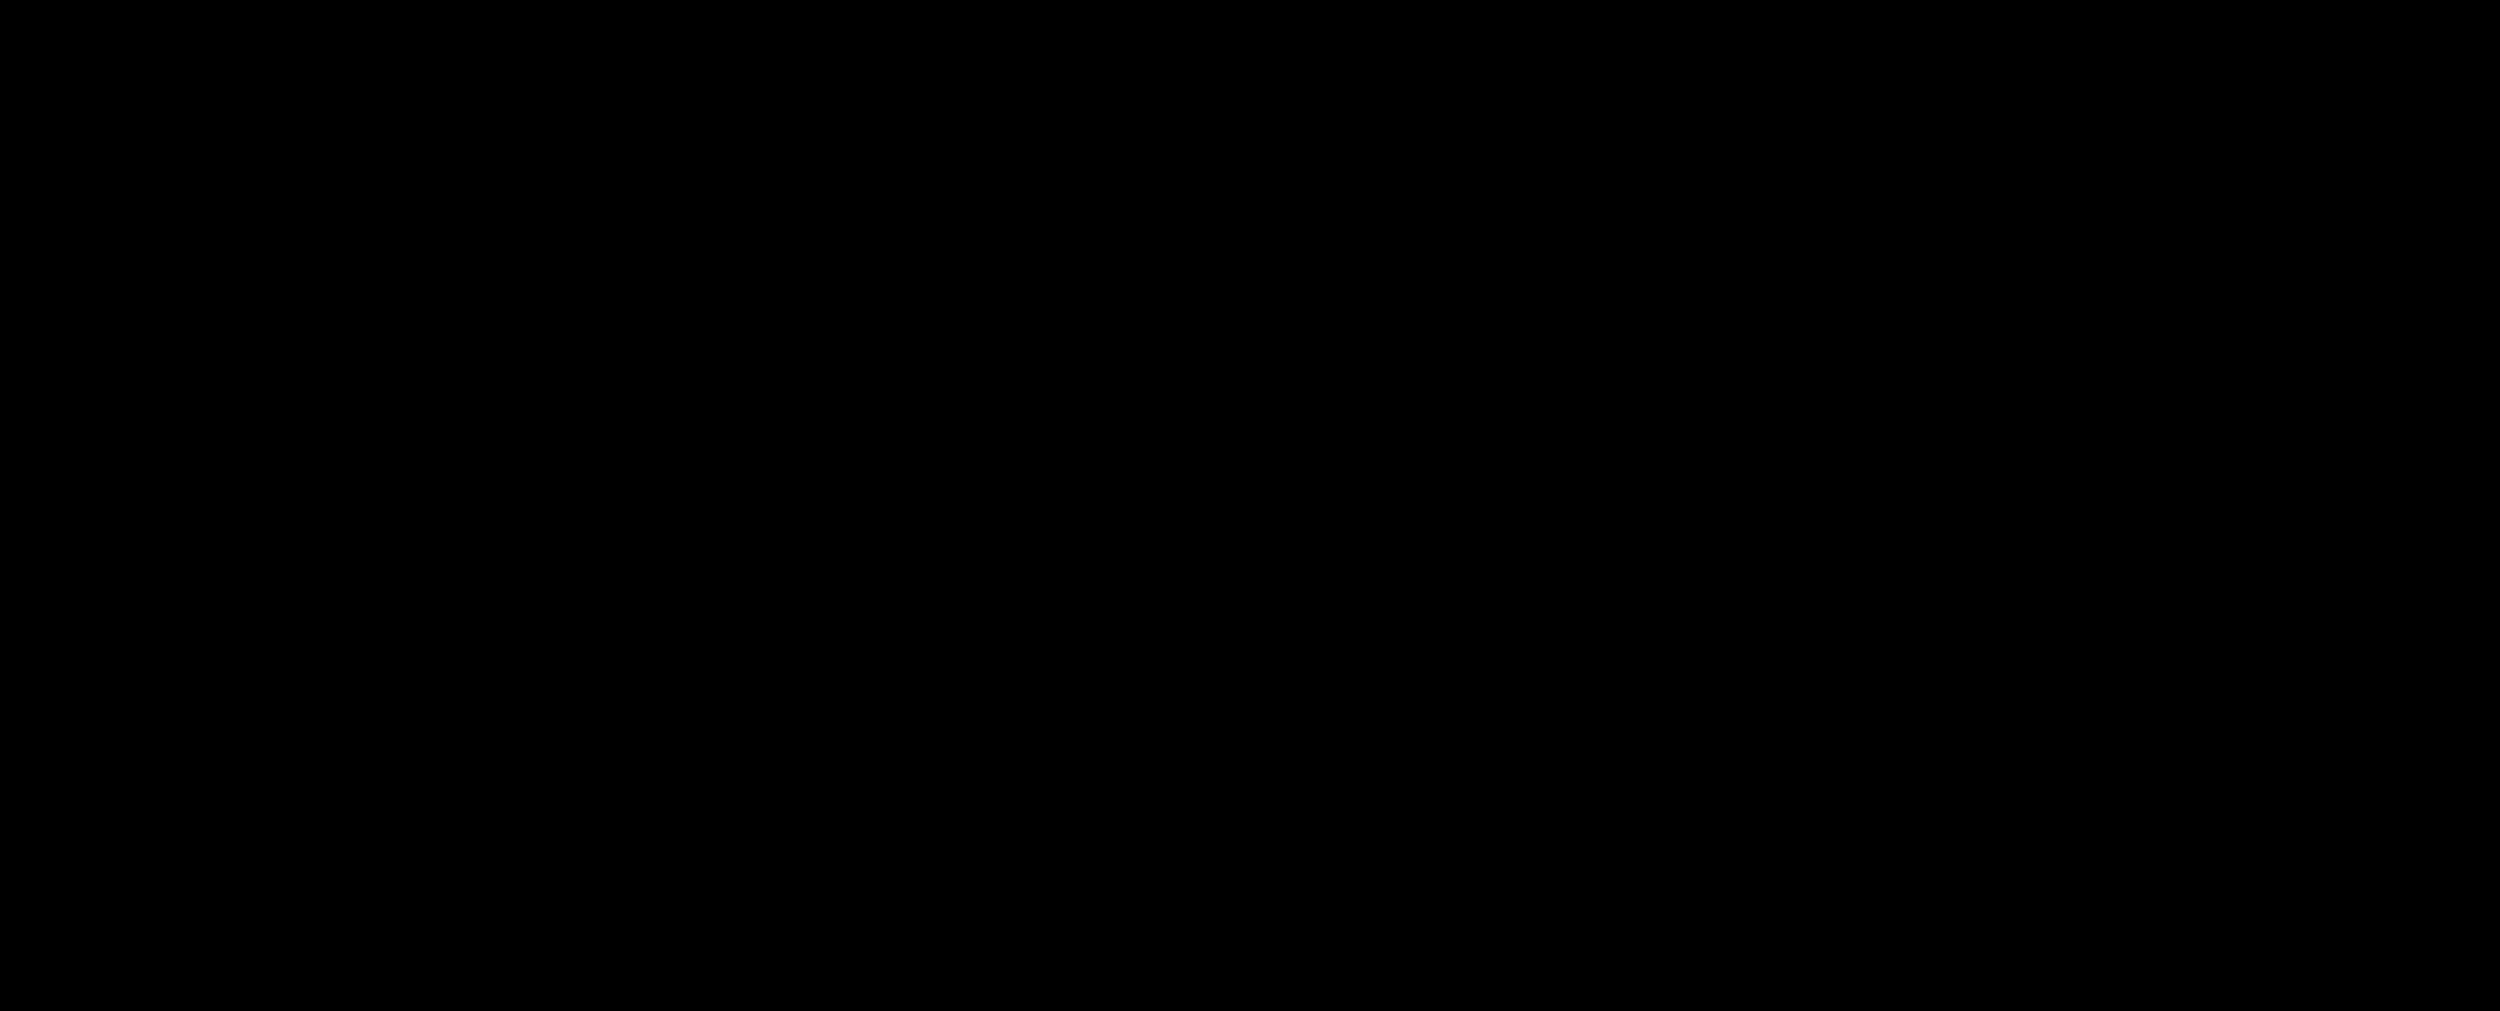 Logo_slopeSeries_RZ.png